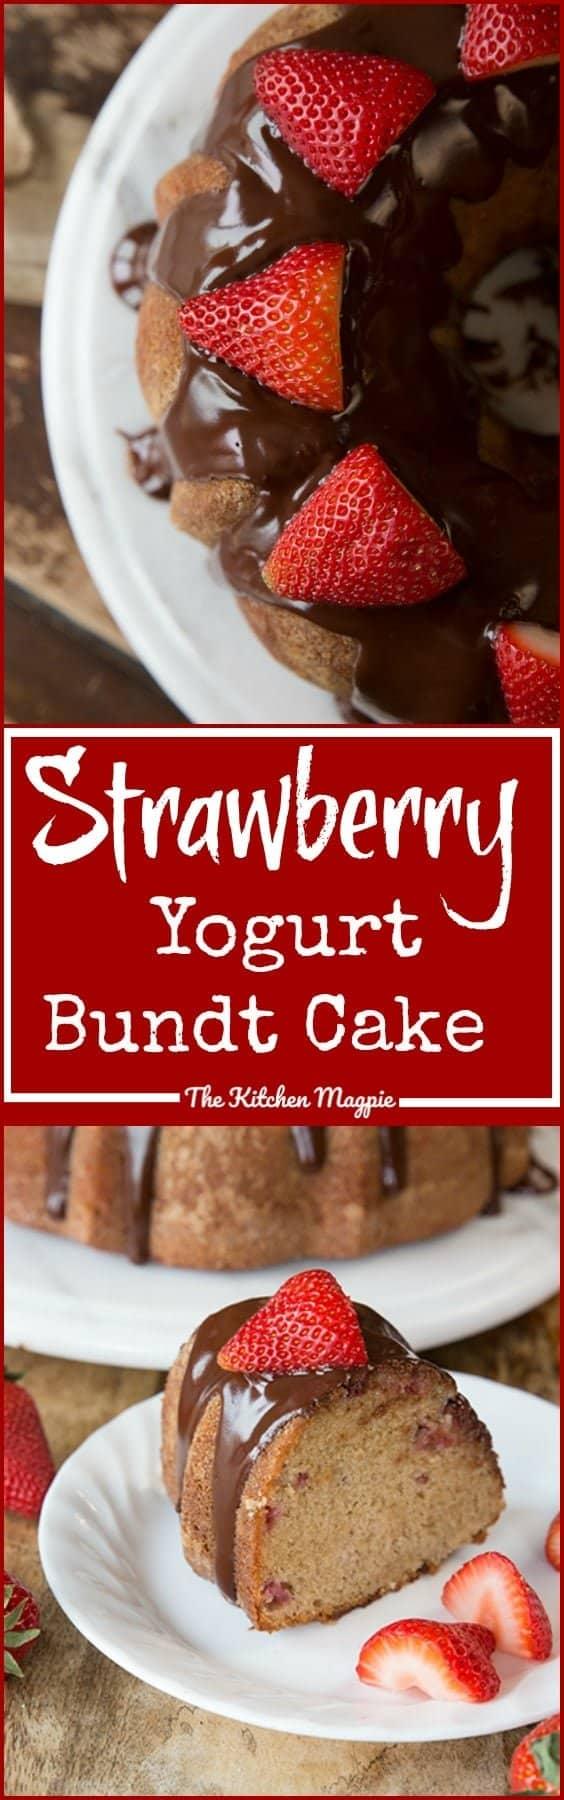 Chocolate Glazed Strawberry Yogurt Bundt Cake from @kitchenmagpie